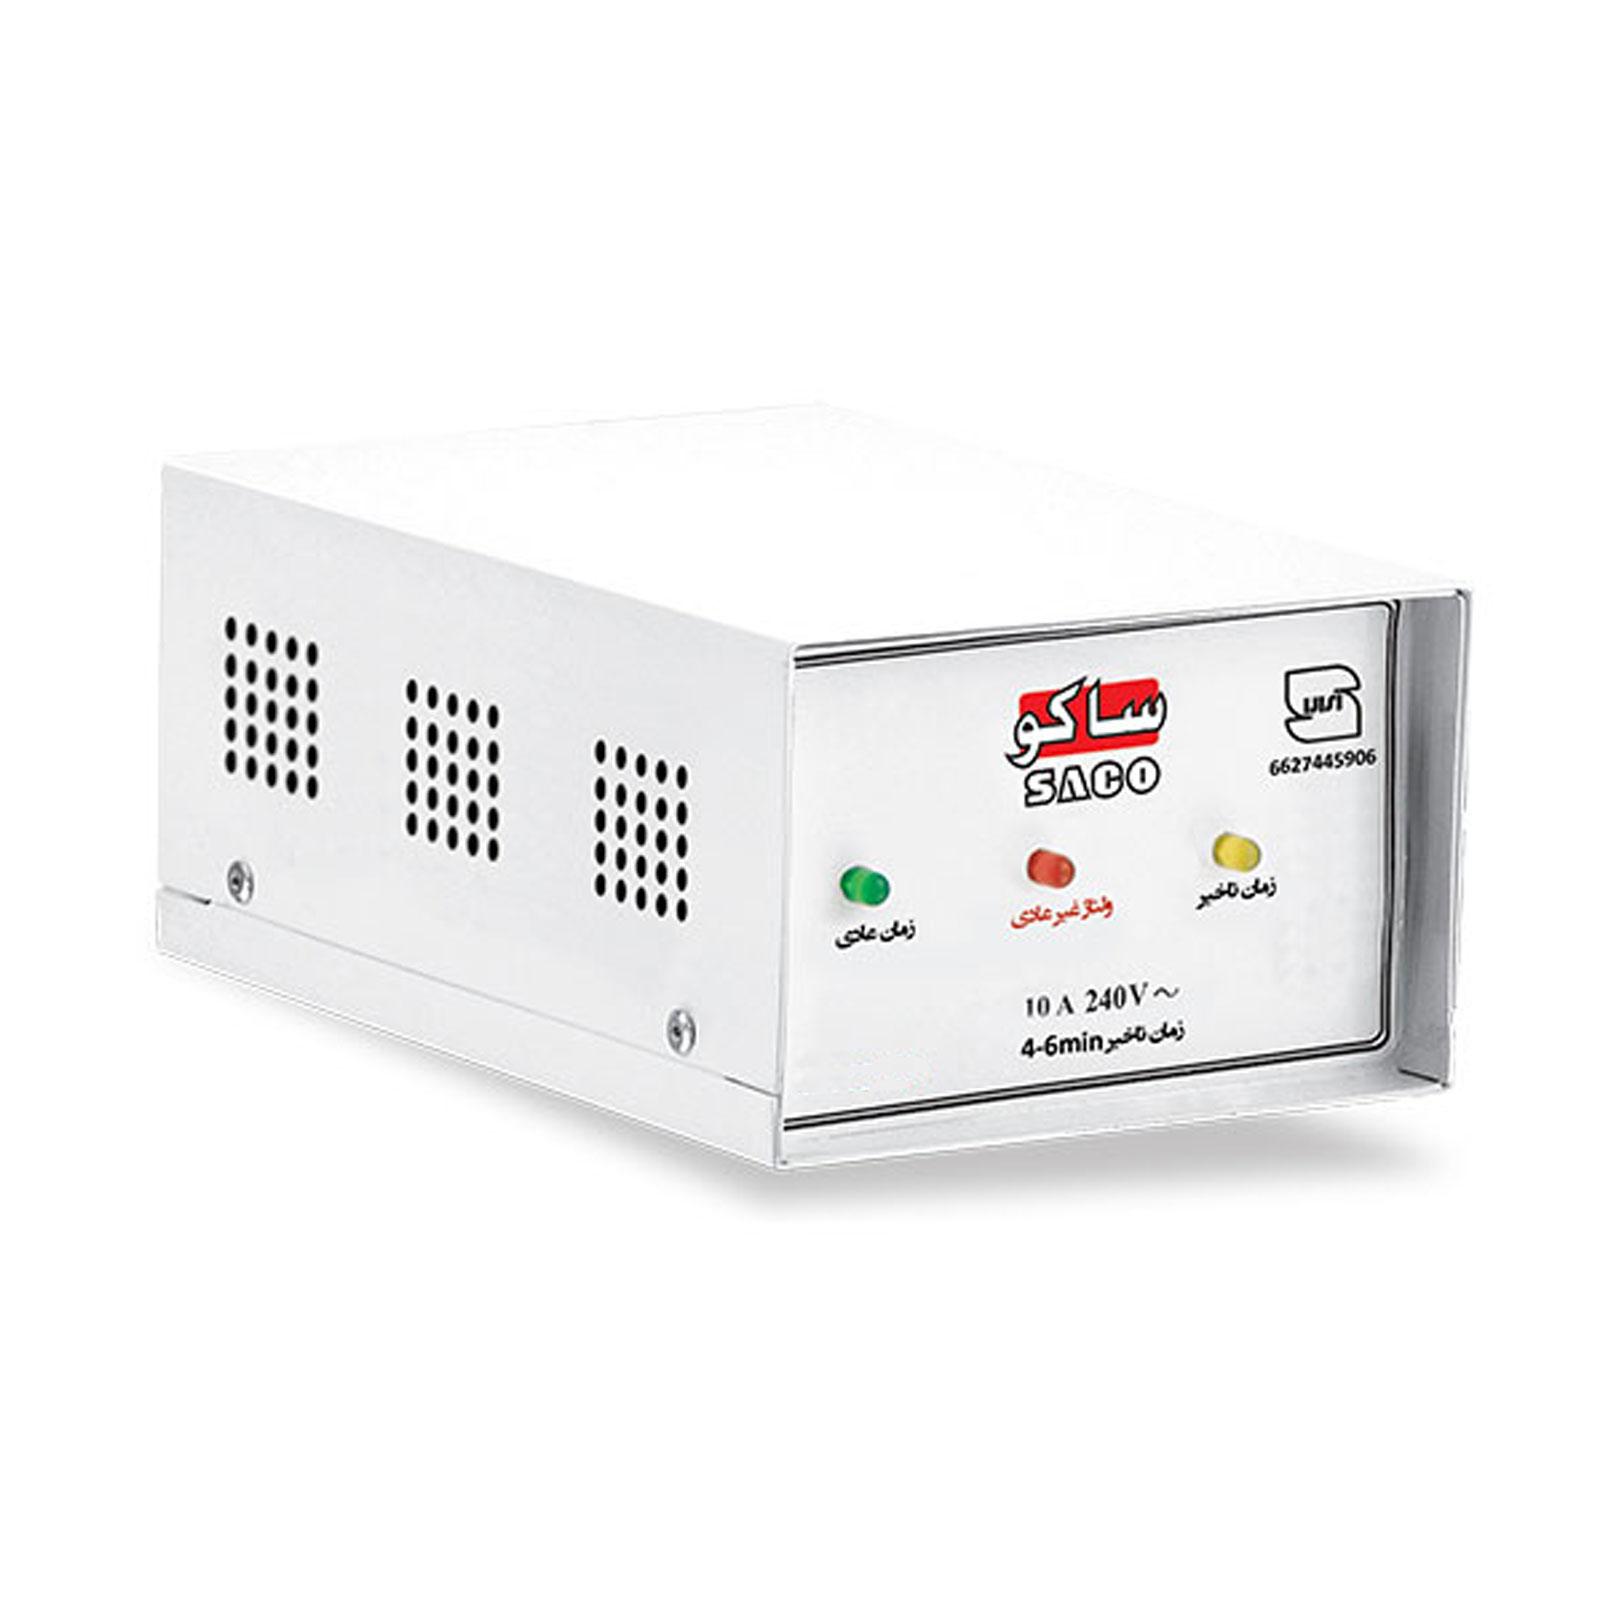 محافظ برق کولر گازی و لوازم پرمصرف خانگی با بدنه فلزی ساکو 33302